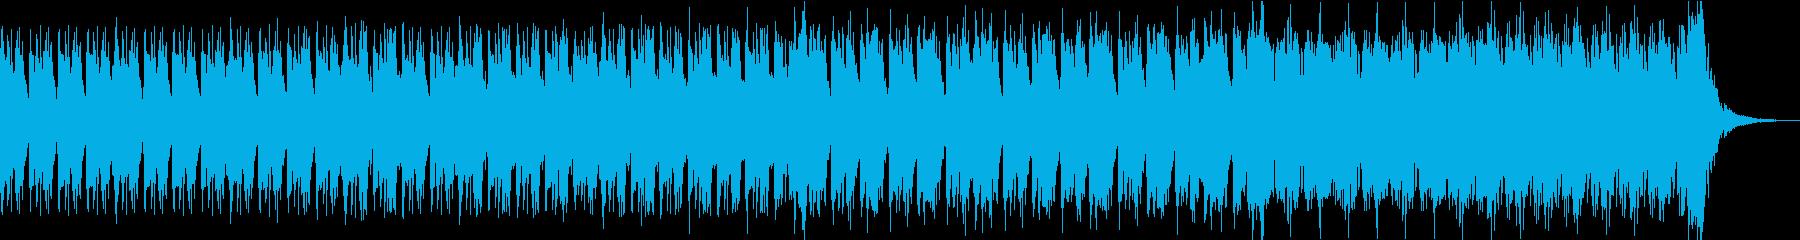 和太鼓とストリングスの緊迫した和風曲の再生済みの波形